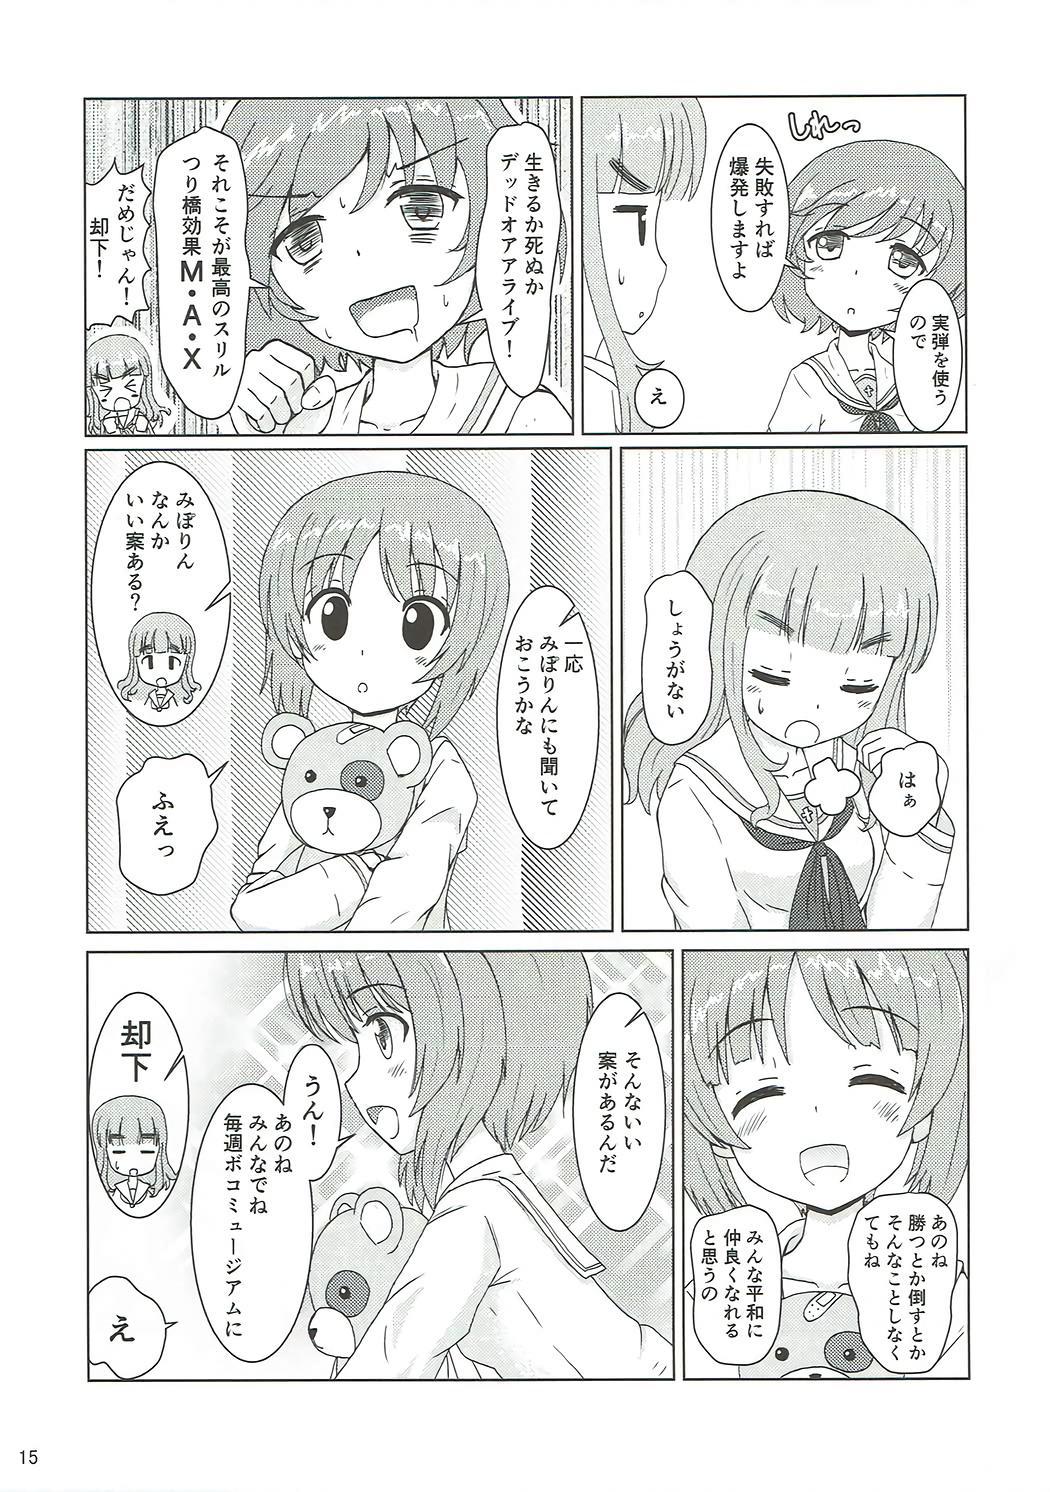 Dainiji Arisu-chan Kouryaku Daisakusen desu 13